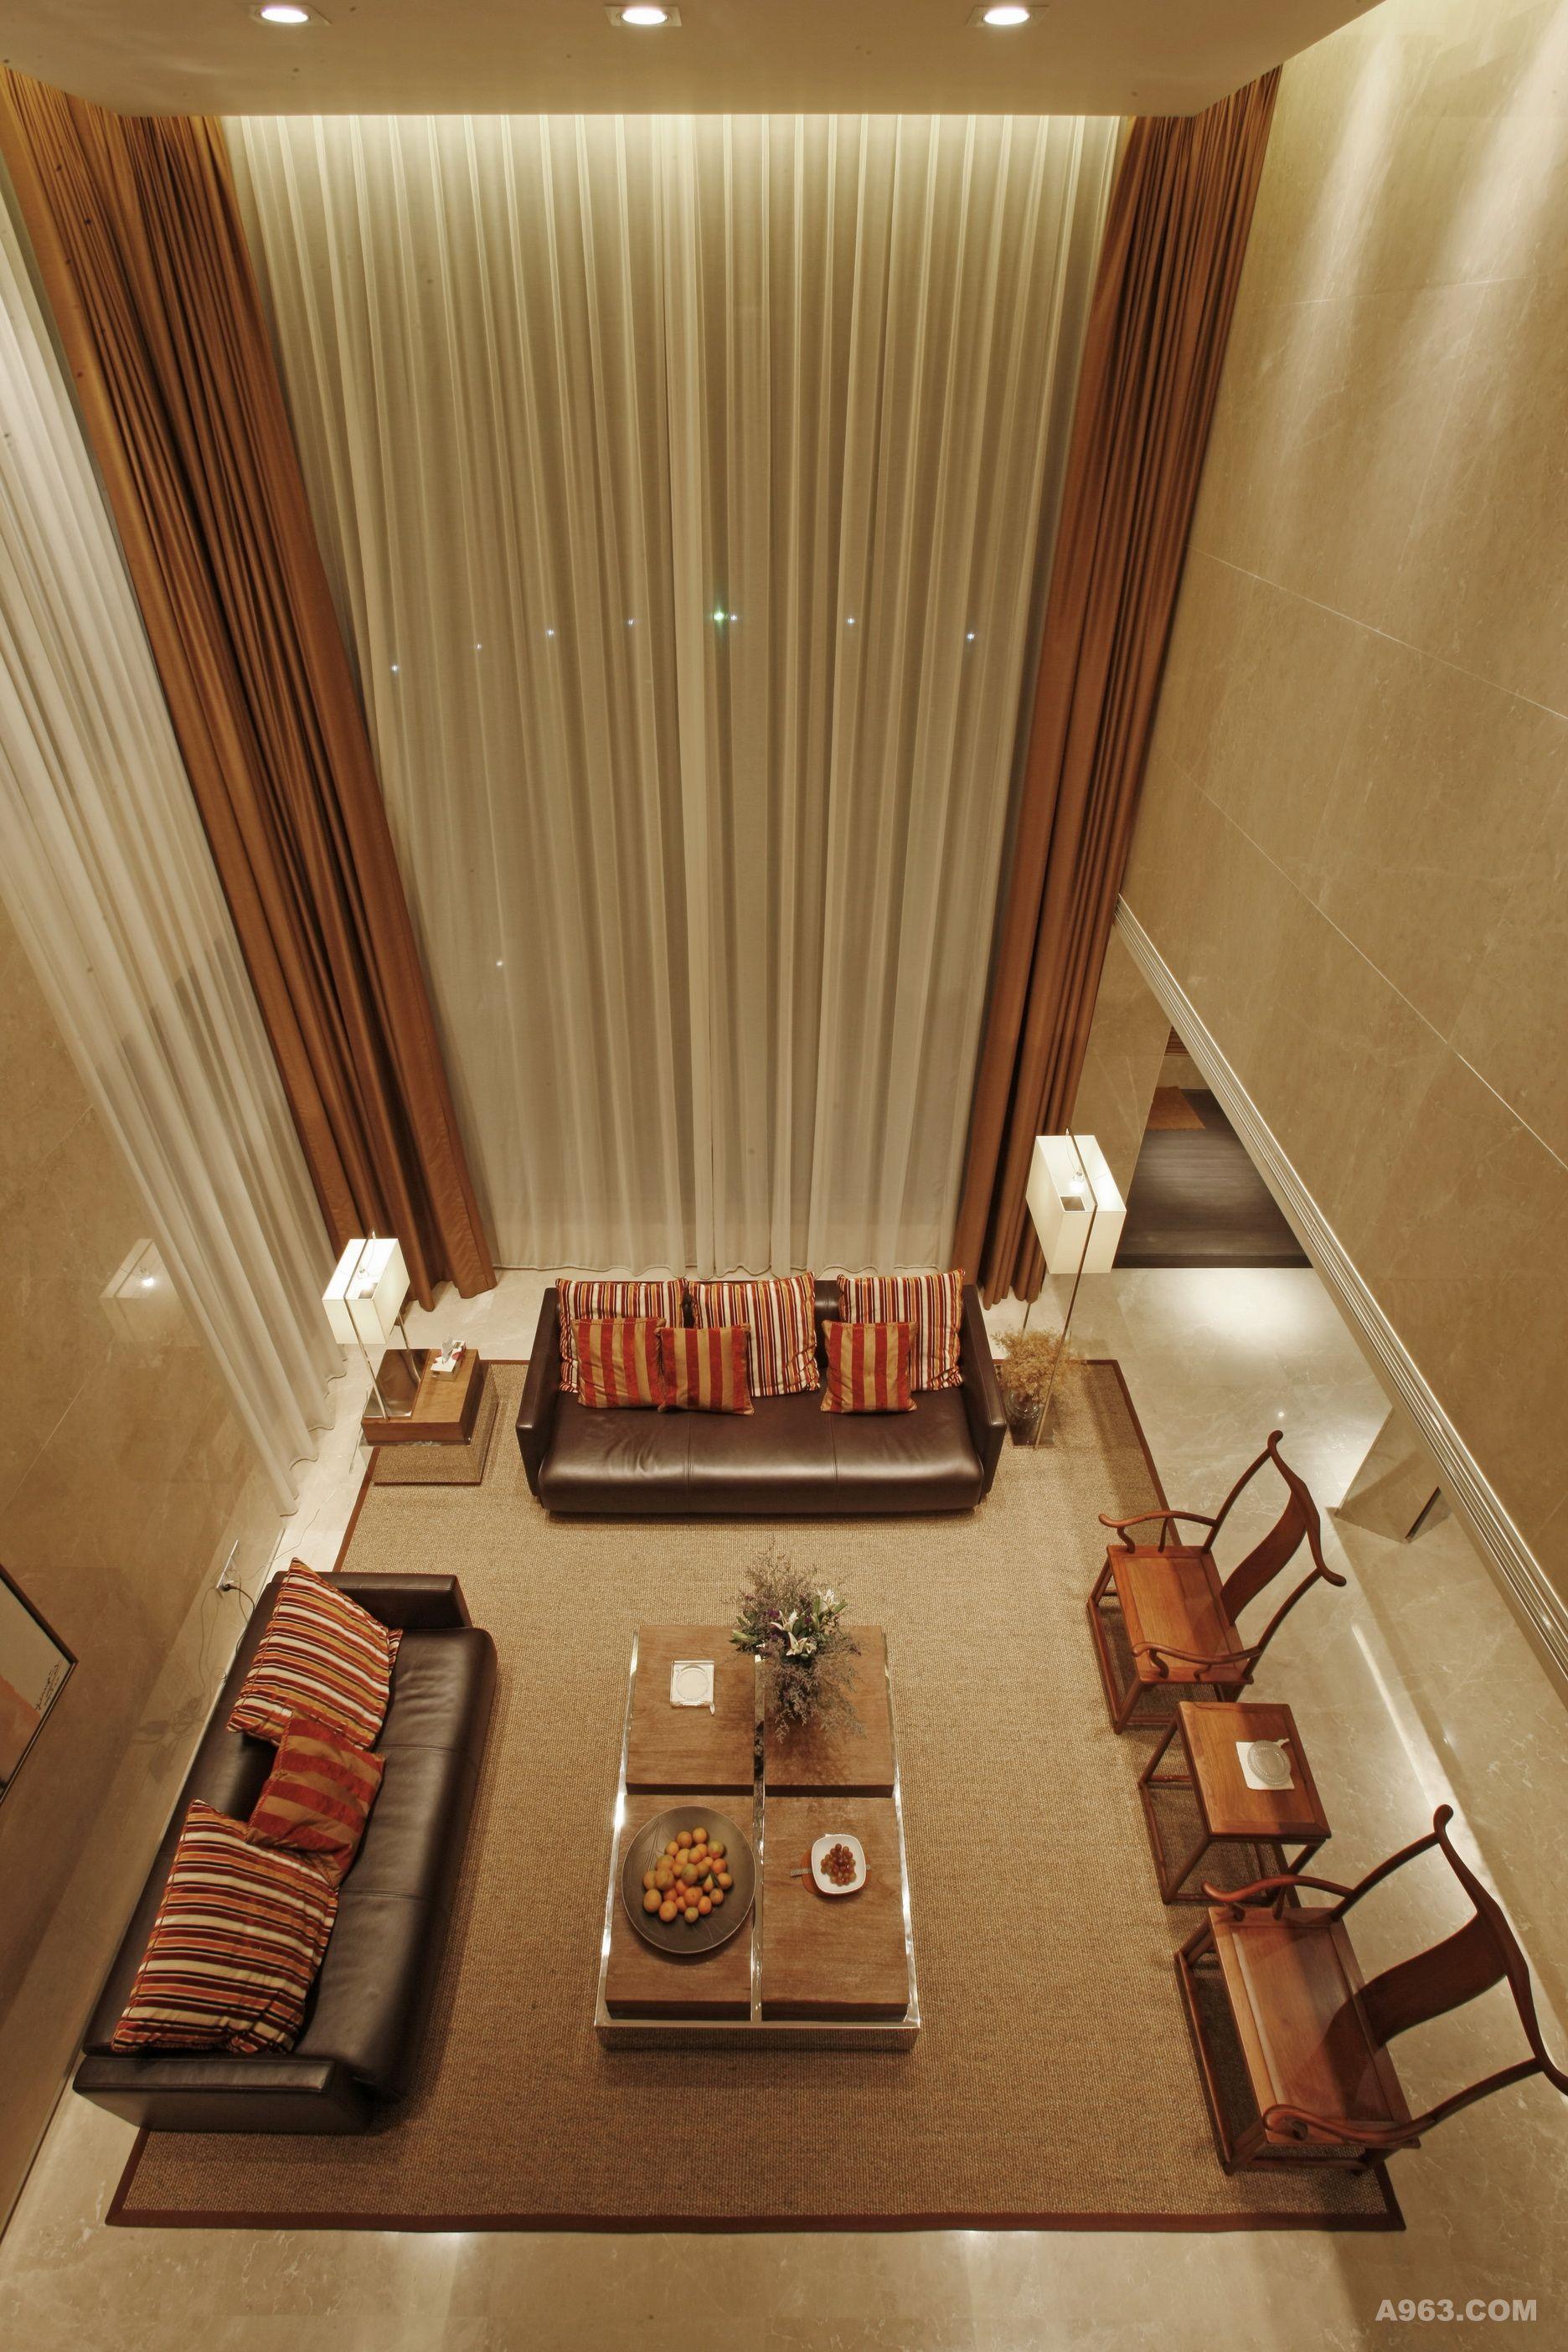 苏州东山别墅 中式风格的东山别墅设计古朴典雅,融合庄重与优雅双重气质,把传统结构形式通过重新的设计。组合成另一种民族特色标志符号。 本案楼盘的地点位于苏州吴中区东山,建筑面积548。 别墅的室内主要采用现代中式风格。设计师在设计时主要采用了玻璃、石材、木纹的水泥板等,在色彩搭配上主要以木色、米黄、白色为主让空间在颜色和质感上有一个冷暖和软硬的对比。